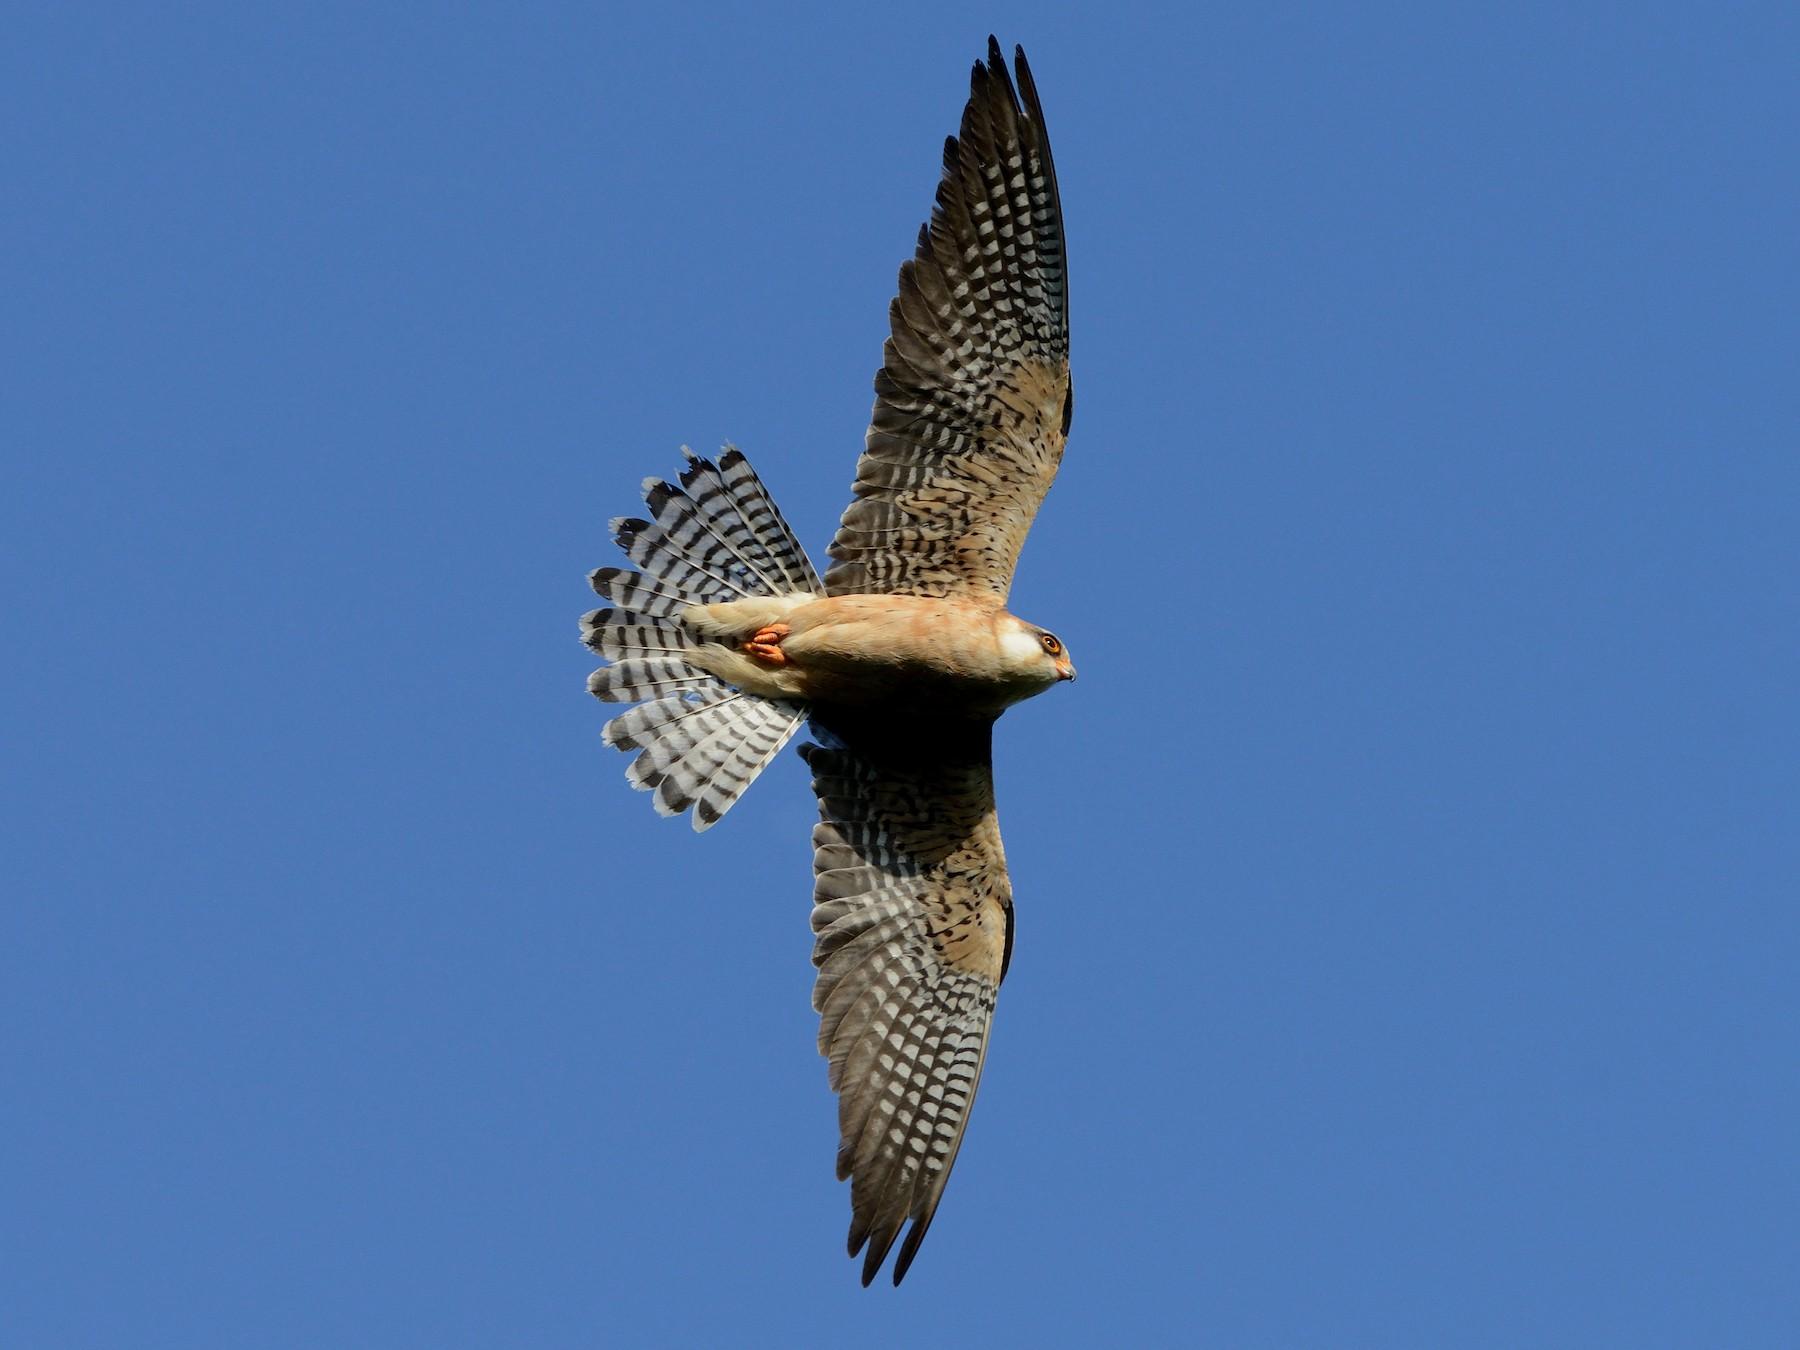 Red-footed Falcon - Pavel Štěpánek